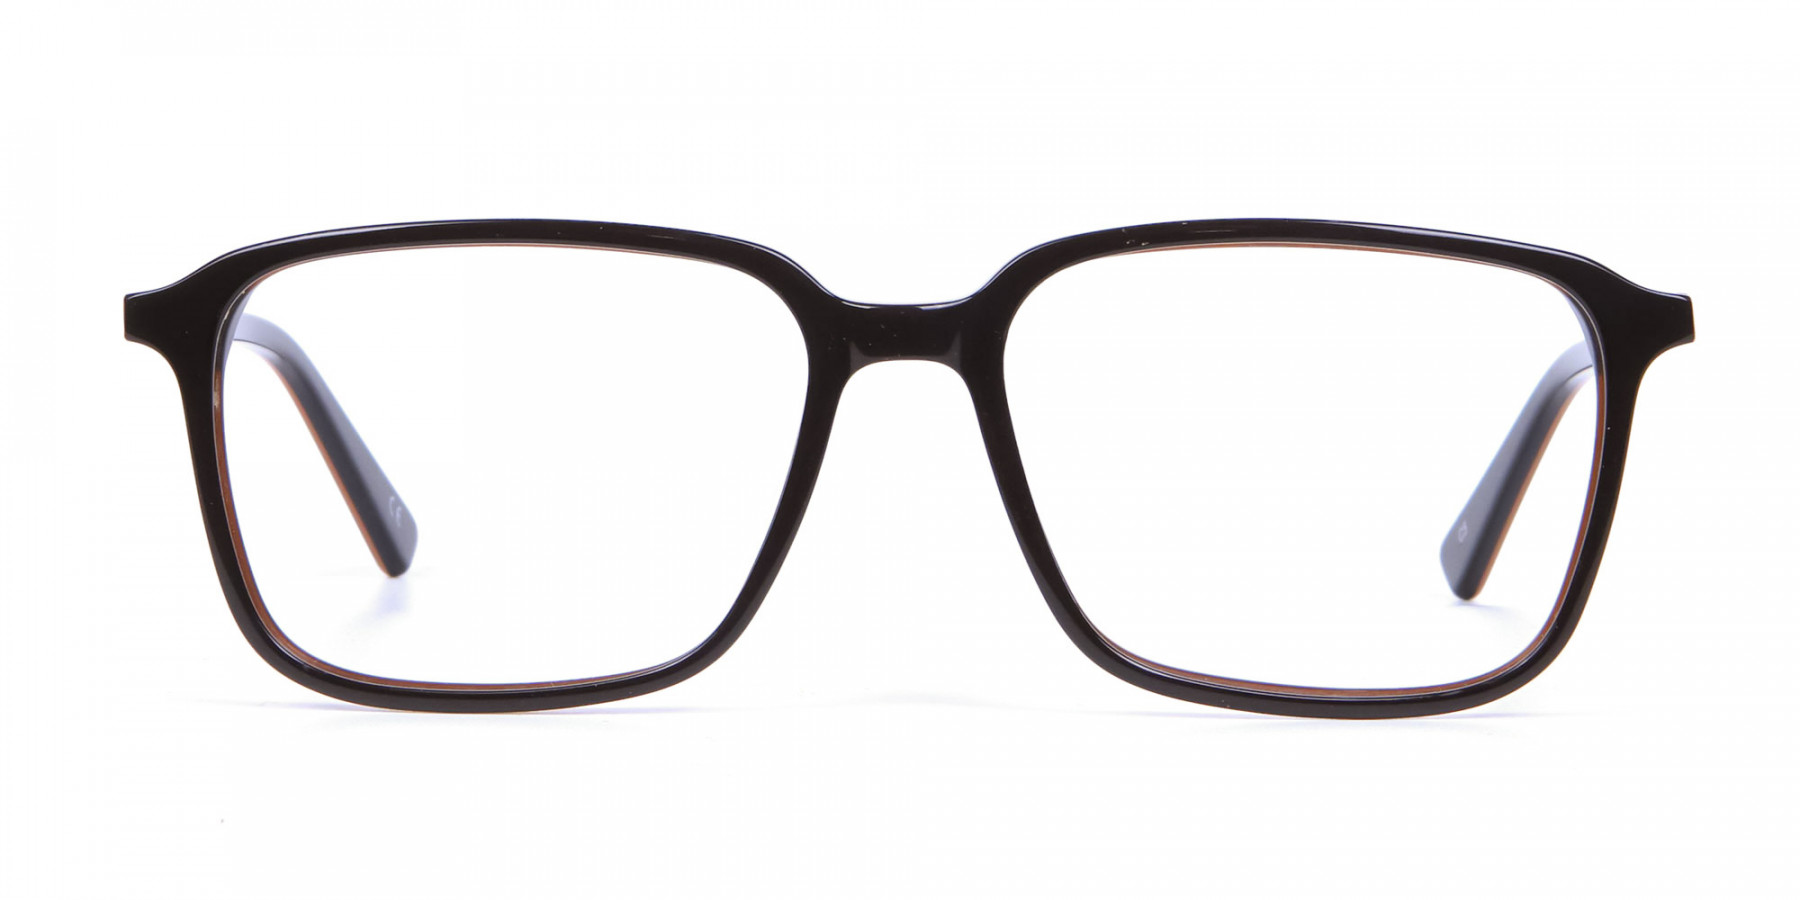 Fashion Rectangular Glasses